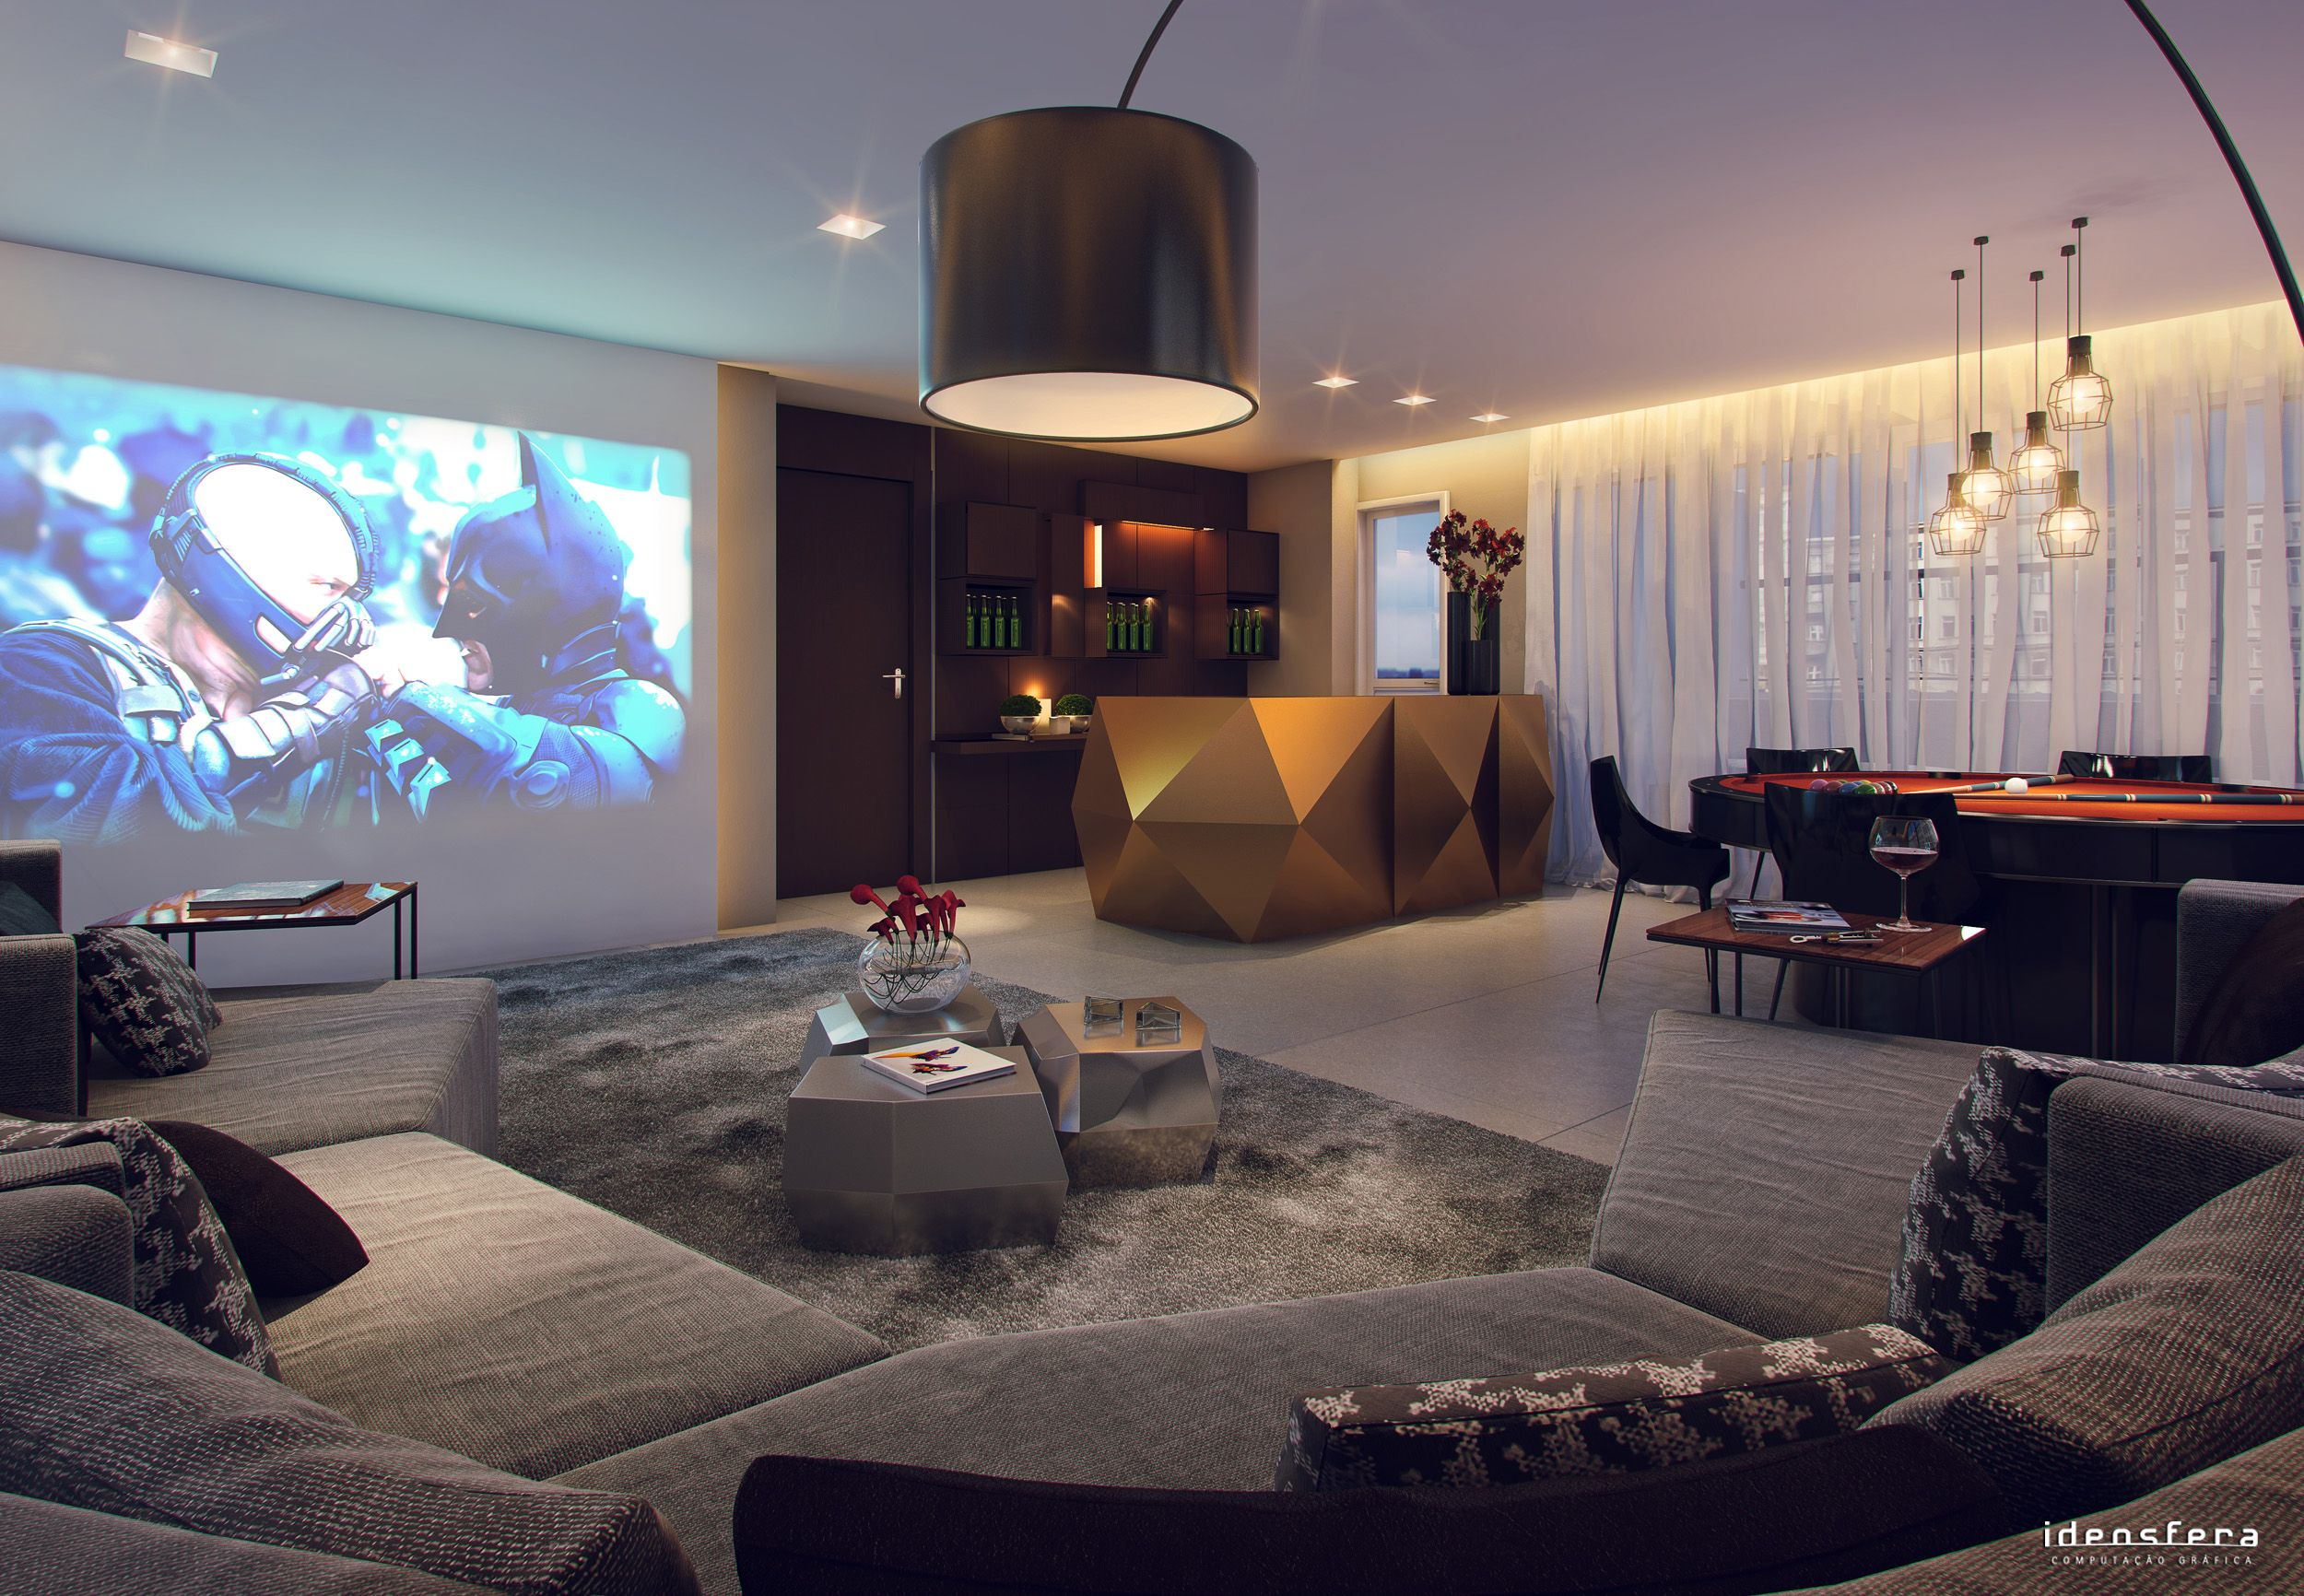 Sala De Tv E Jogos Salas De Tv Pinterest Interiors And Room -> Sala De Tv E Jogos